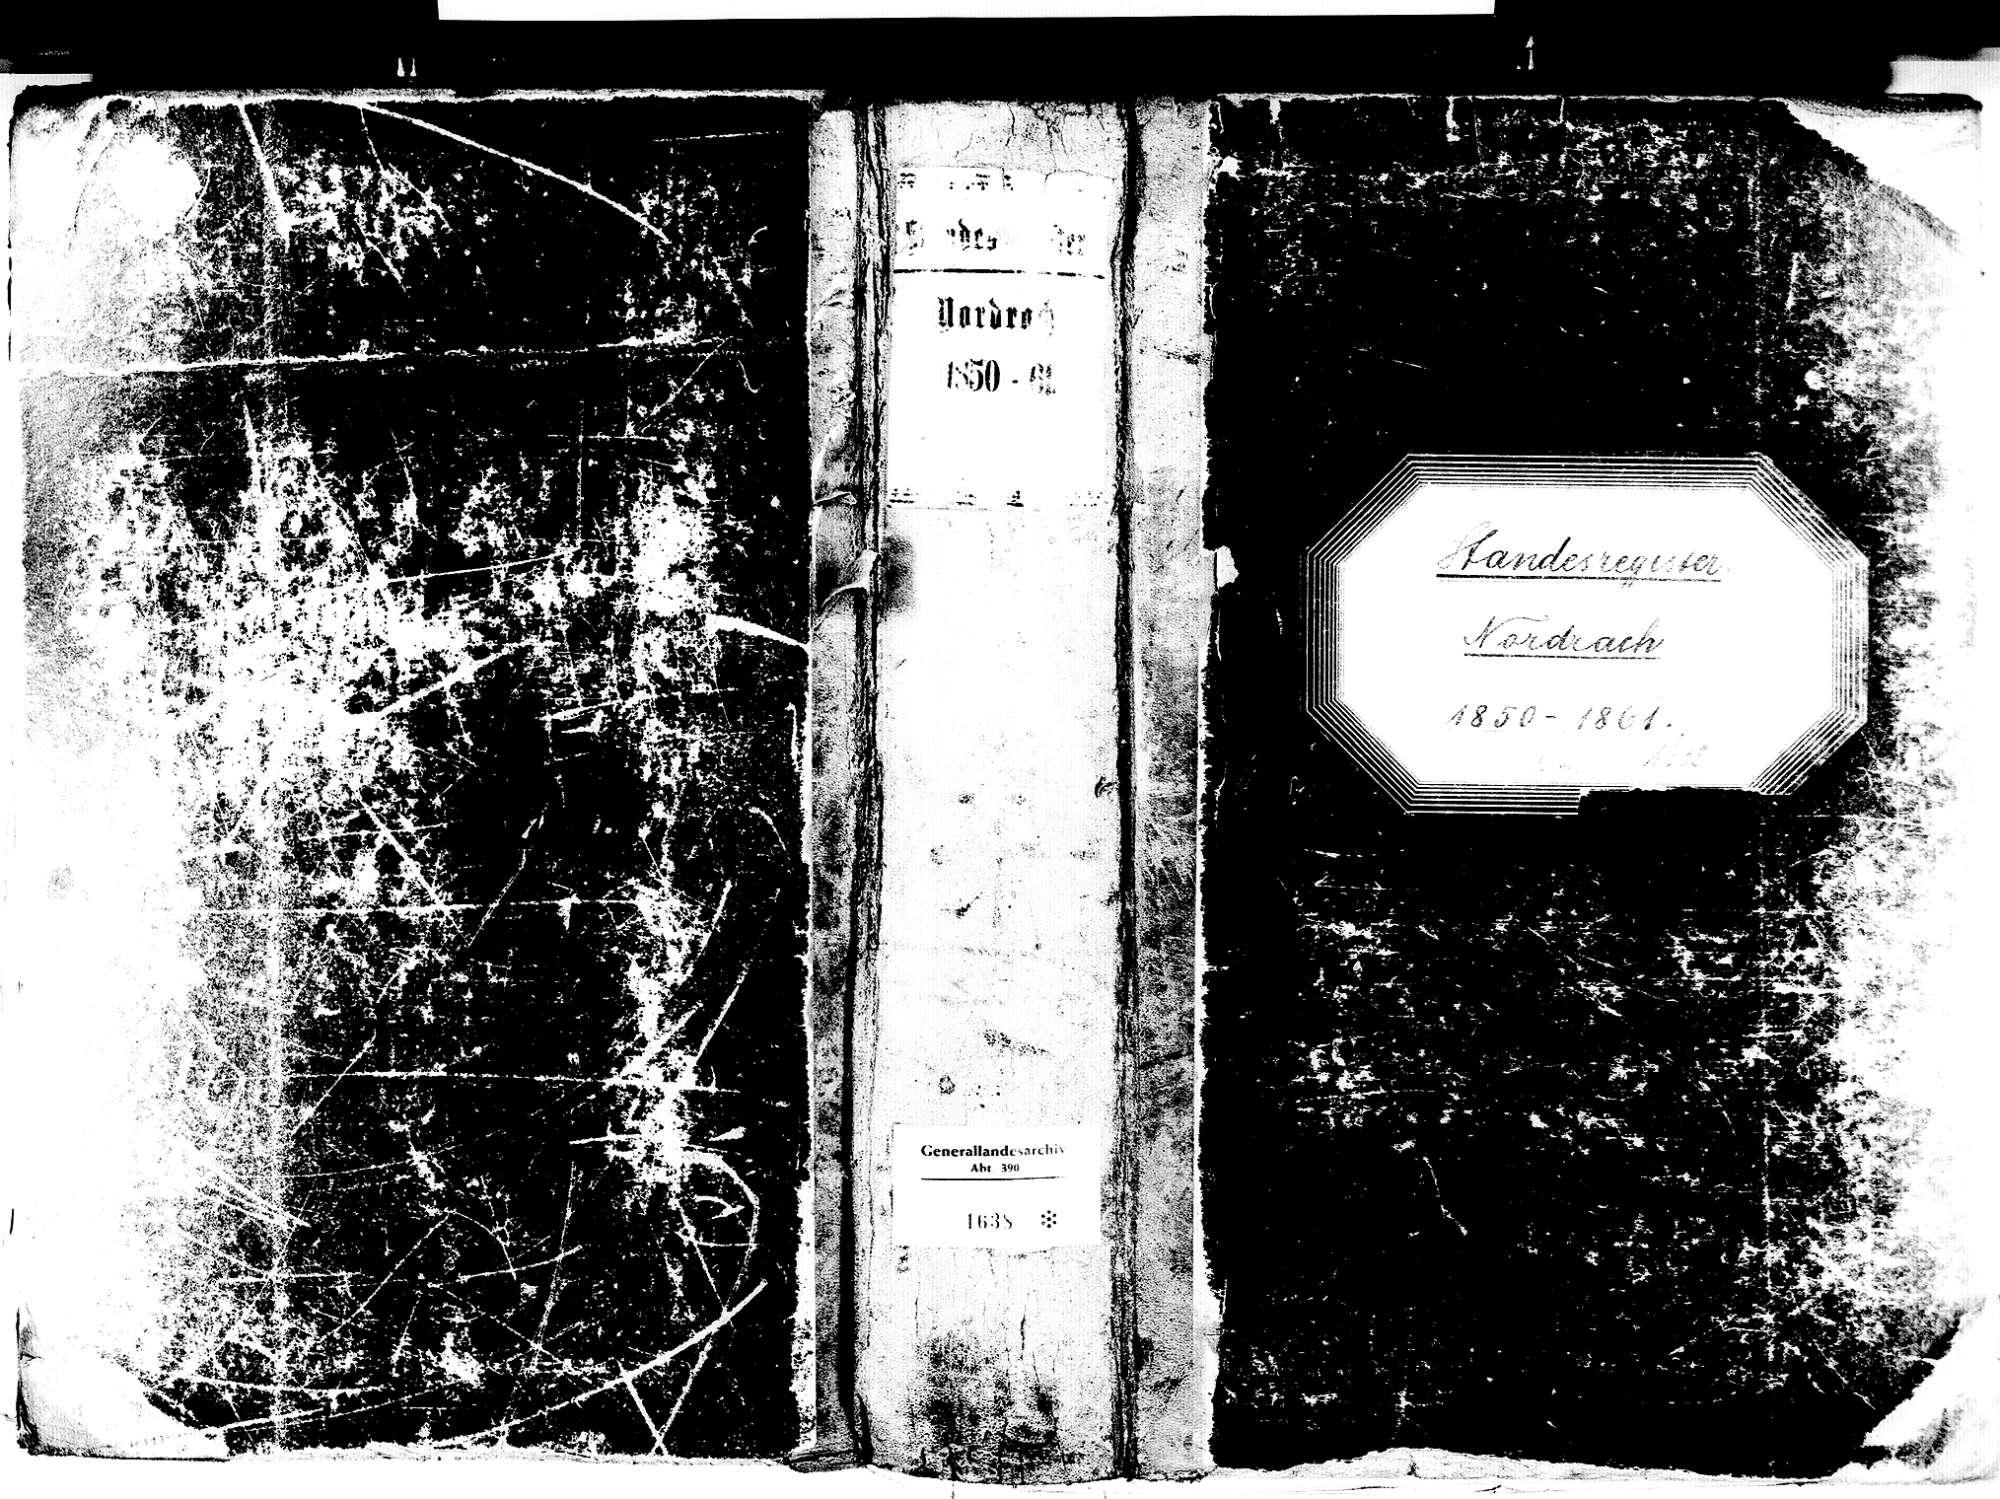 Nordrach OG; Katholische Gemeinde: Standesbuch 1850-1861 Enthält auch: Vaterschaftsanerkennungen nach Geburtsregister, Bild 1